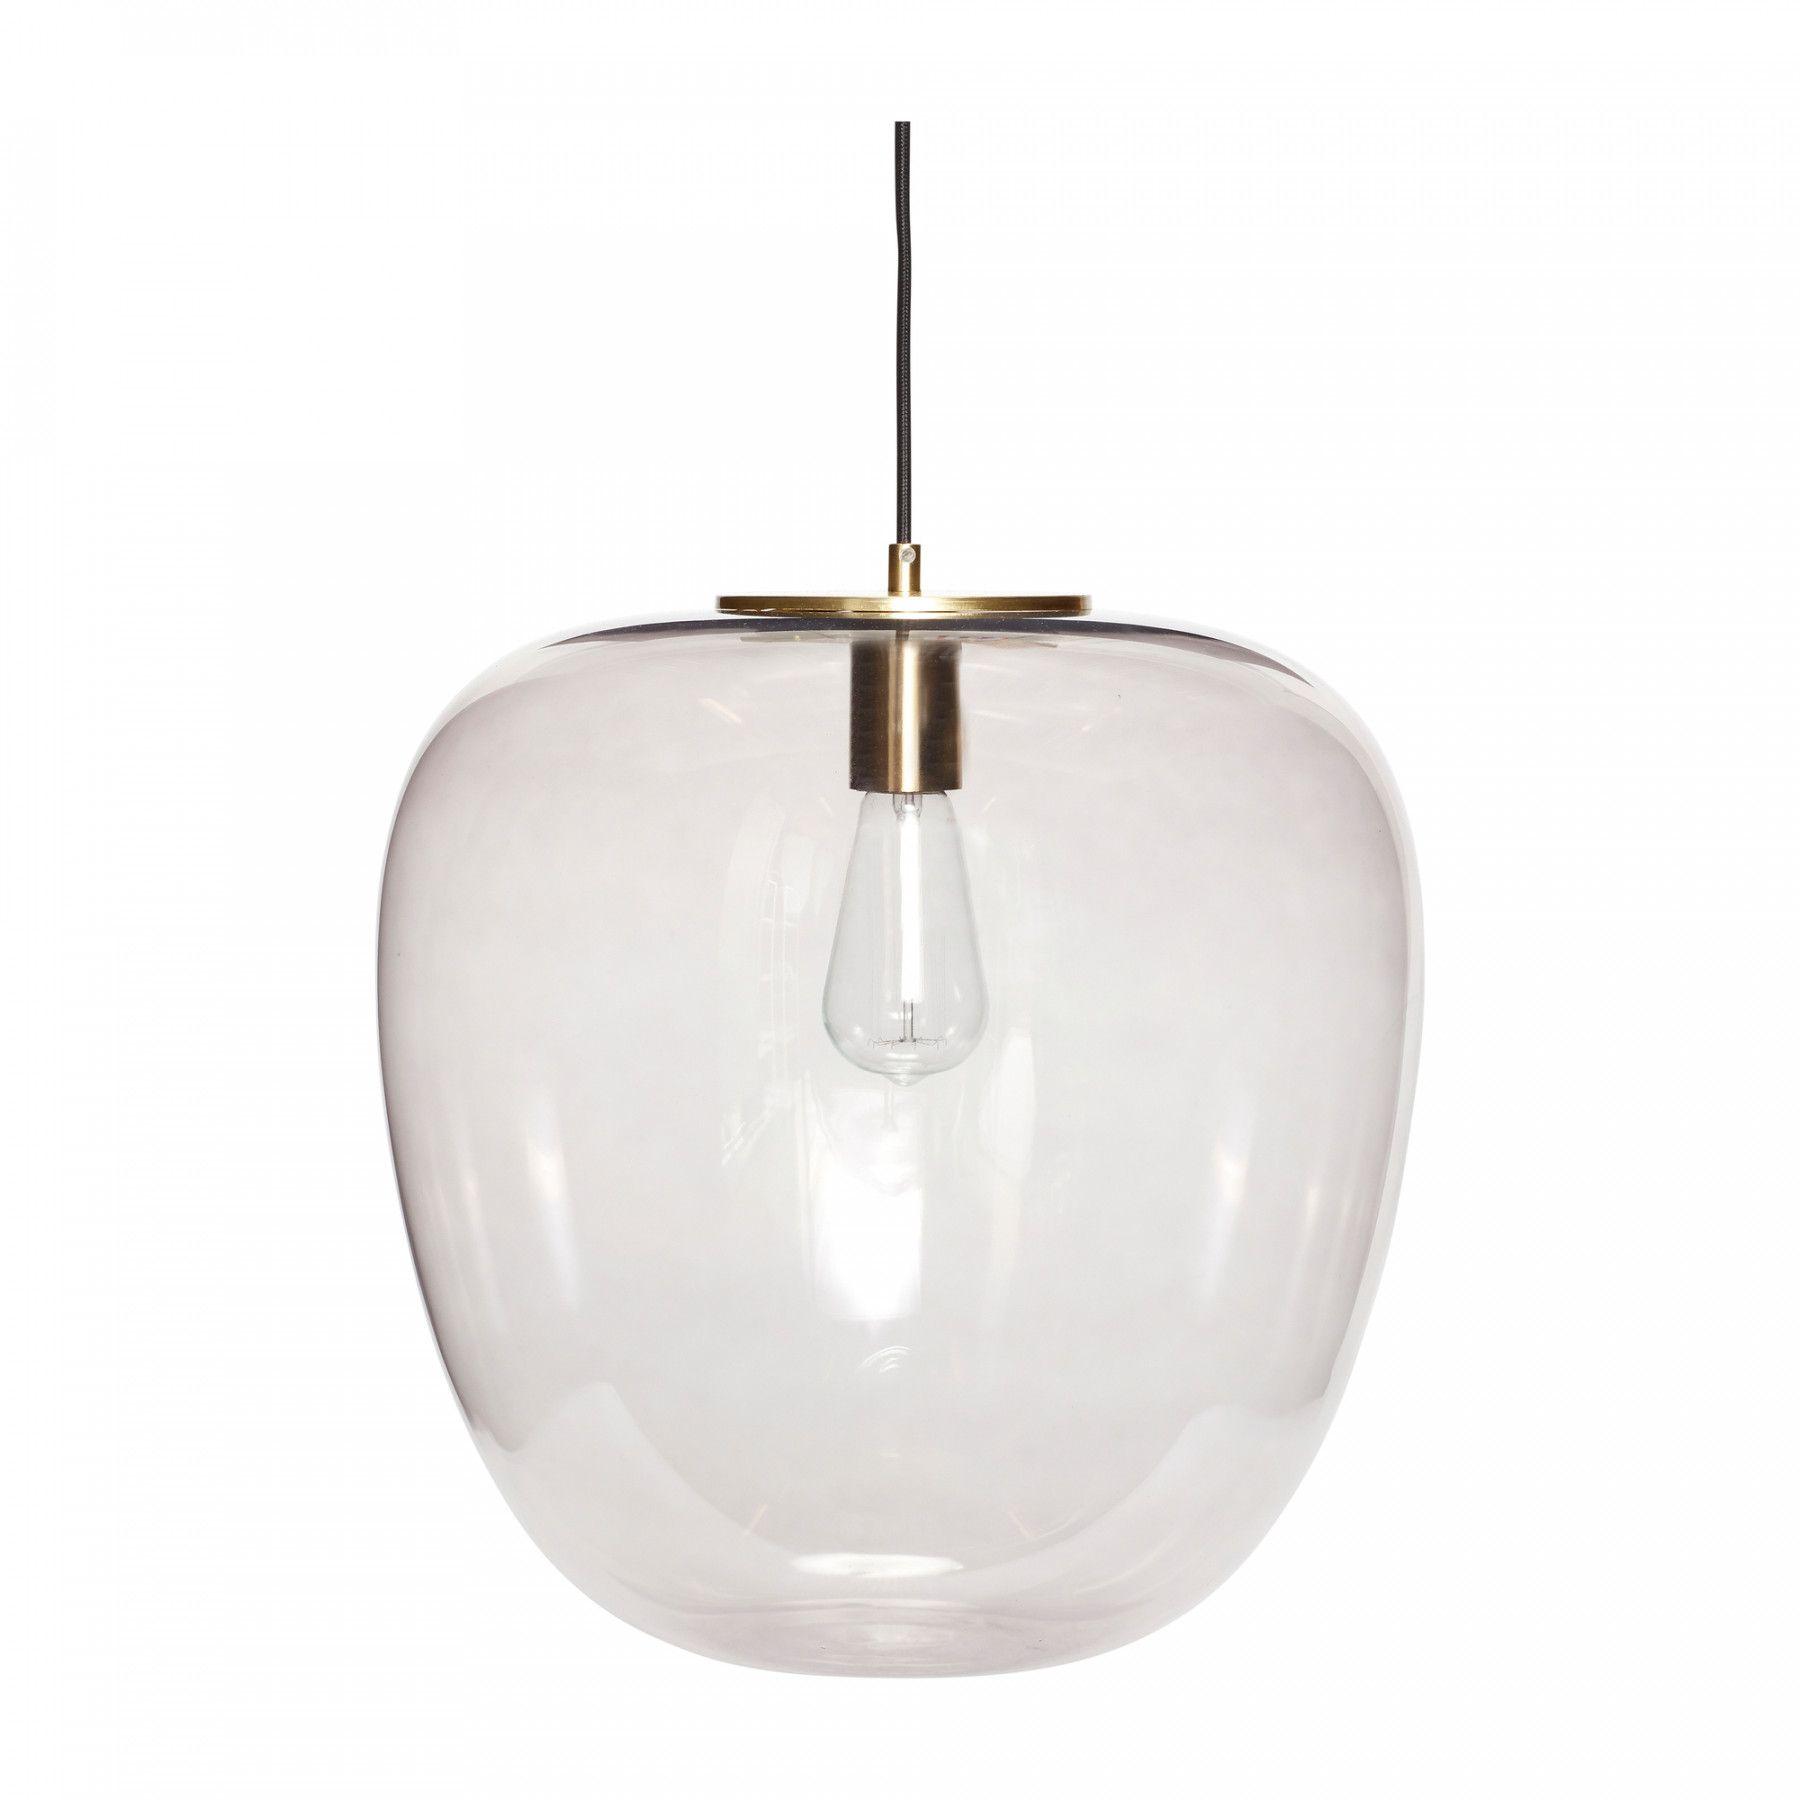 Einrichten Design De le glas rauch messing hübsch interior einrichten design de